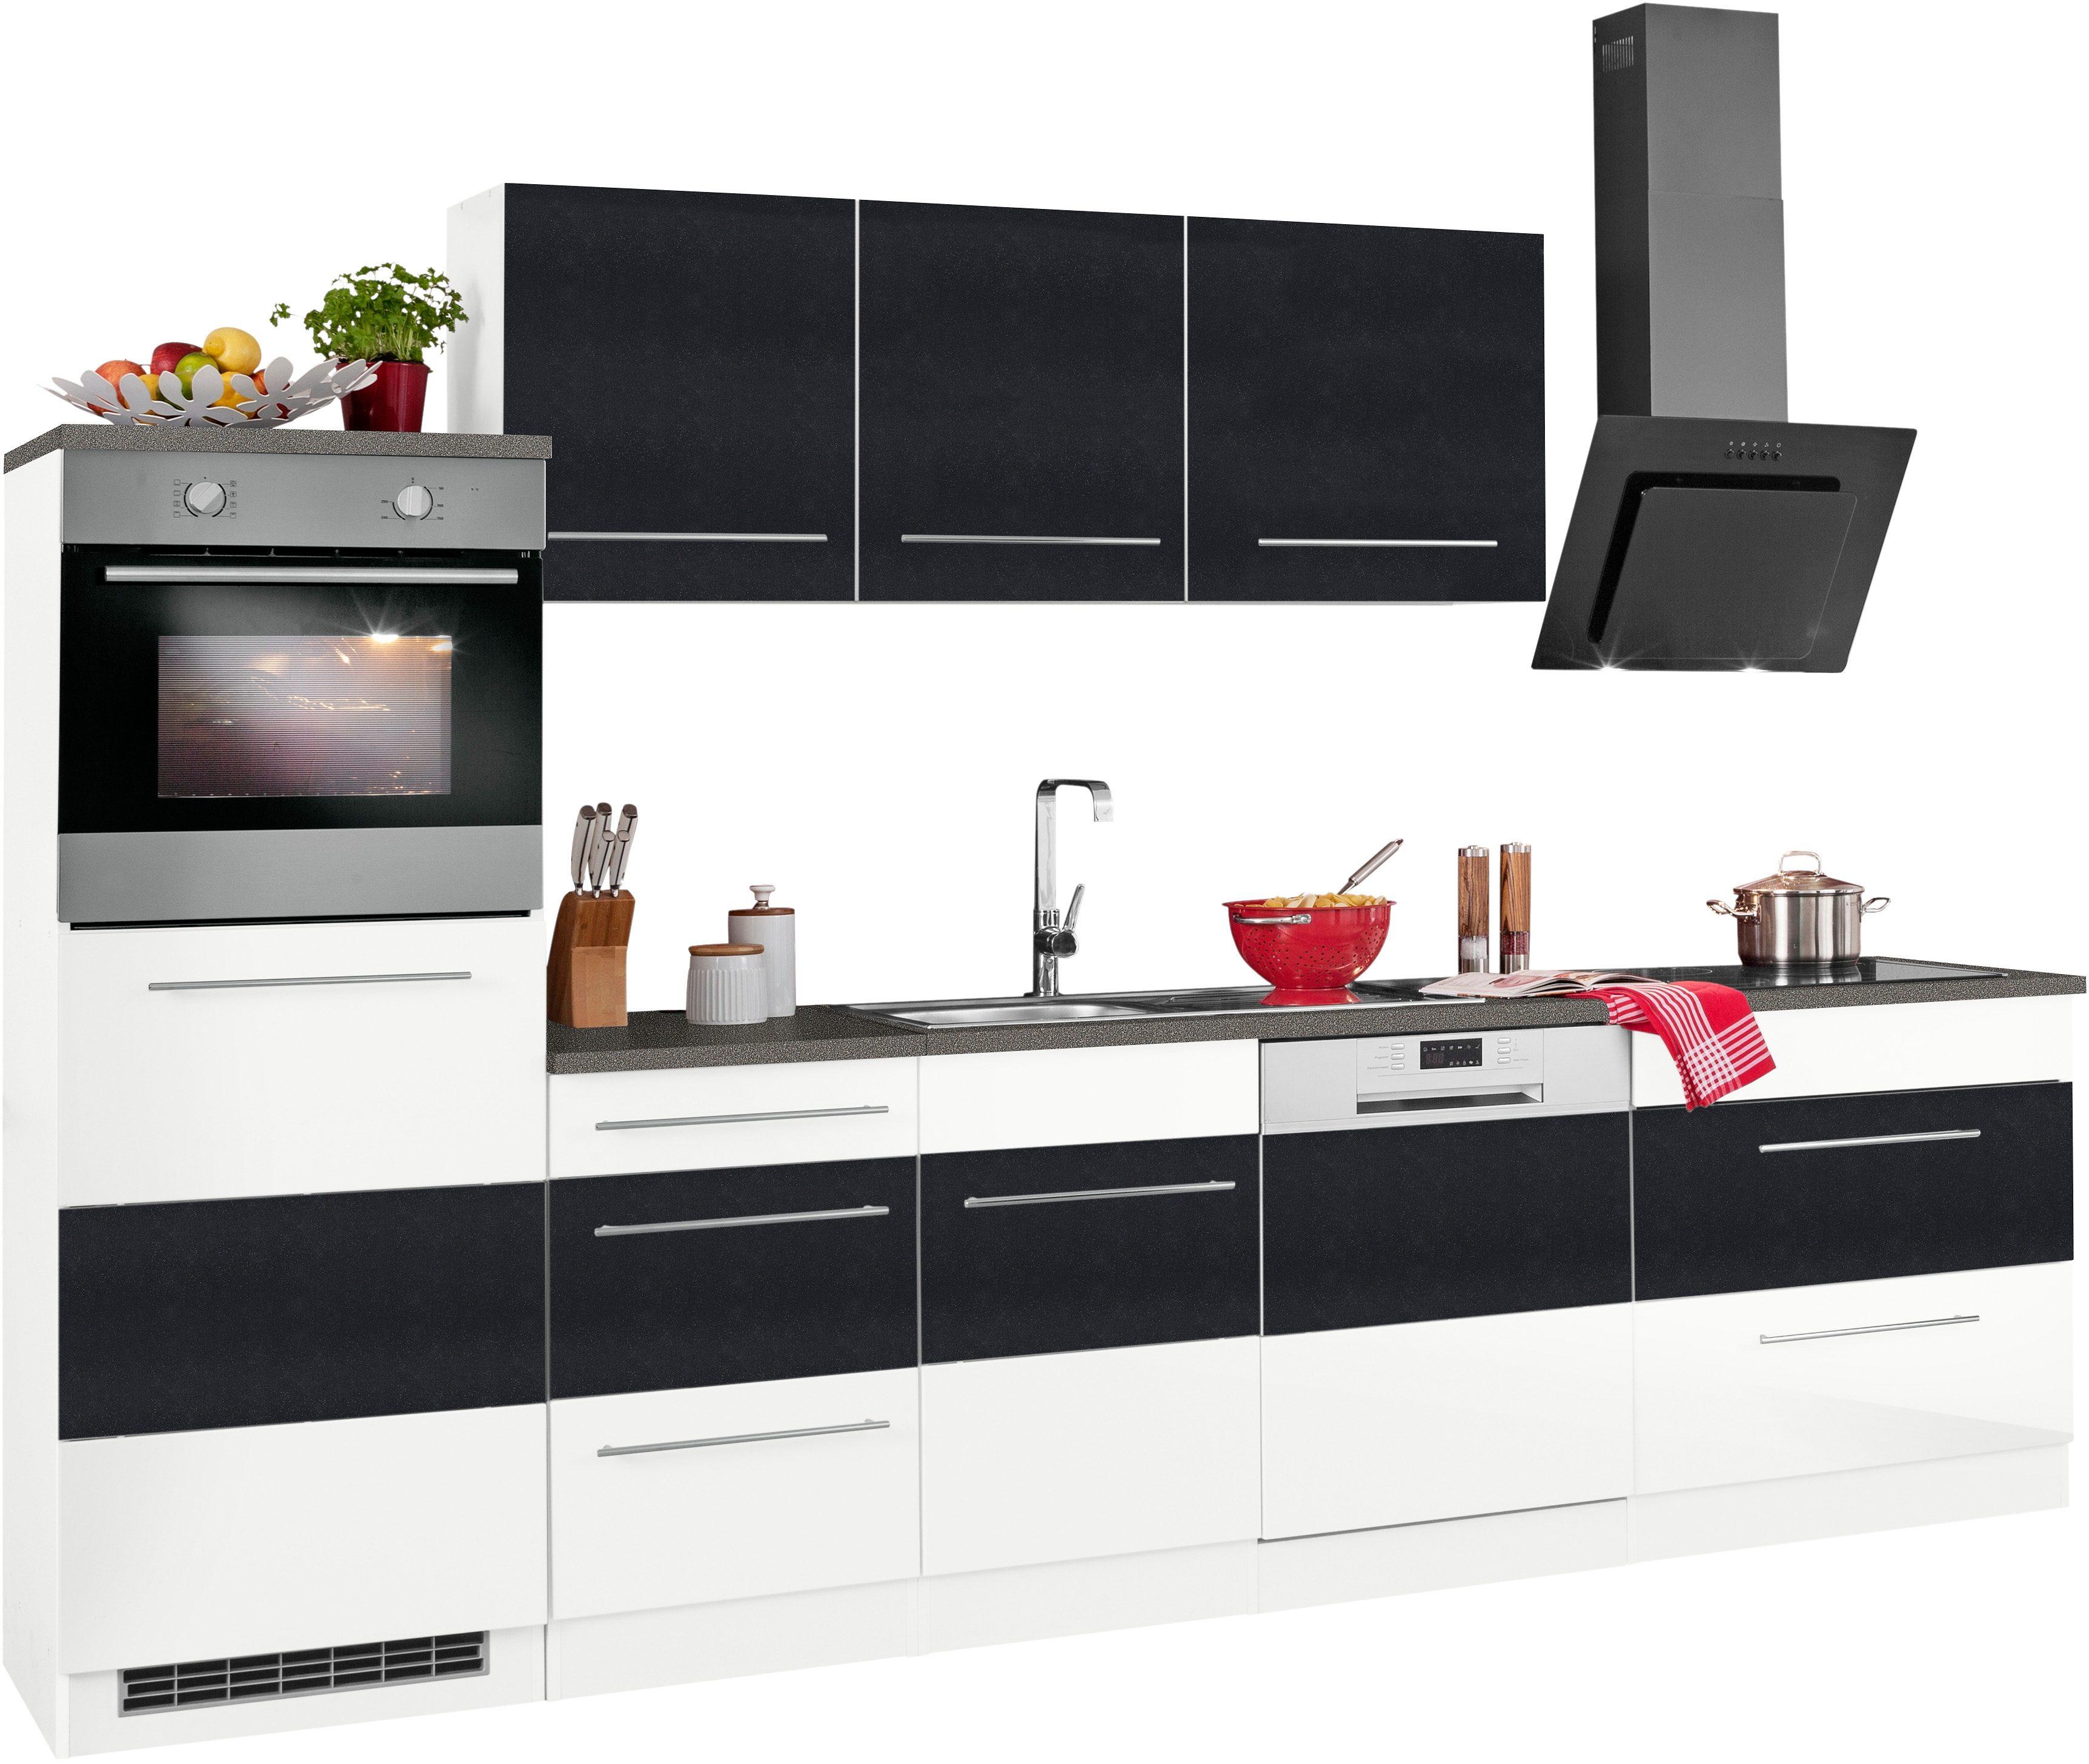 Held Möbel Küchenzeile Ohne E Geräte Trient Breite 300 Cm Kaufen